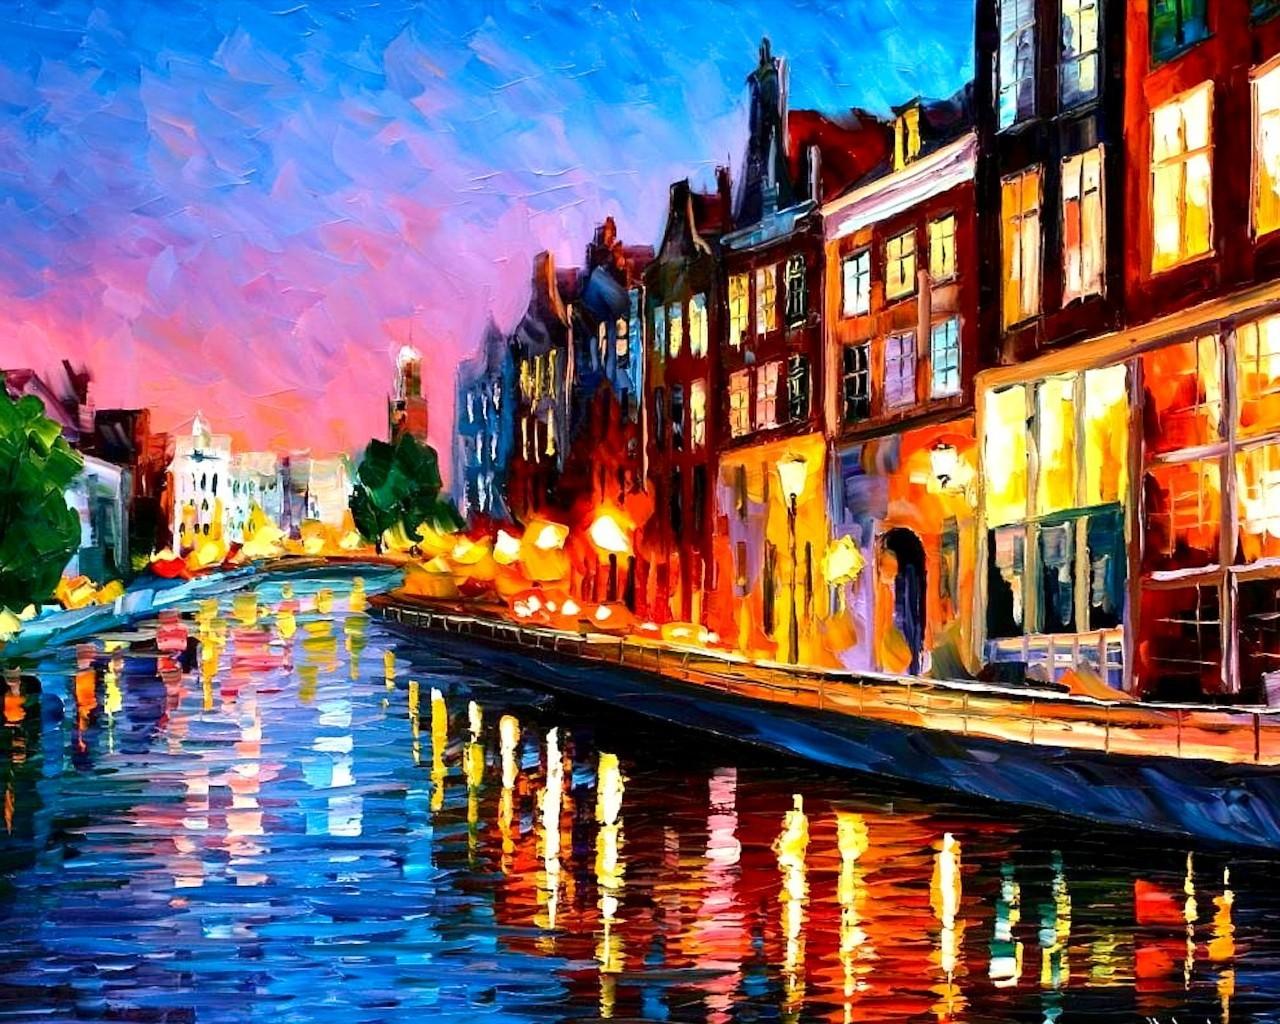 Картинки, картинки на холсте акриловыми красками